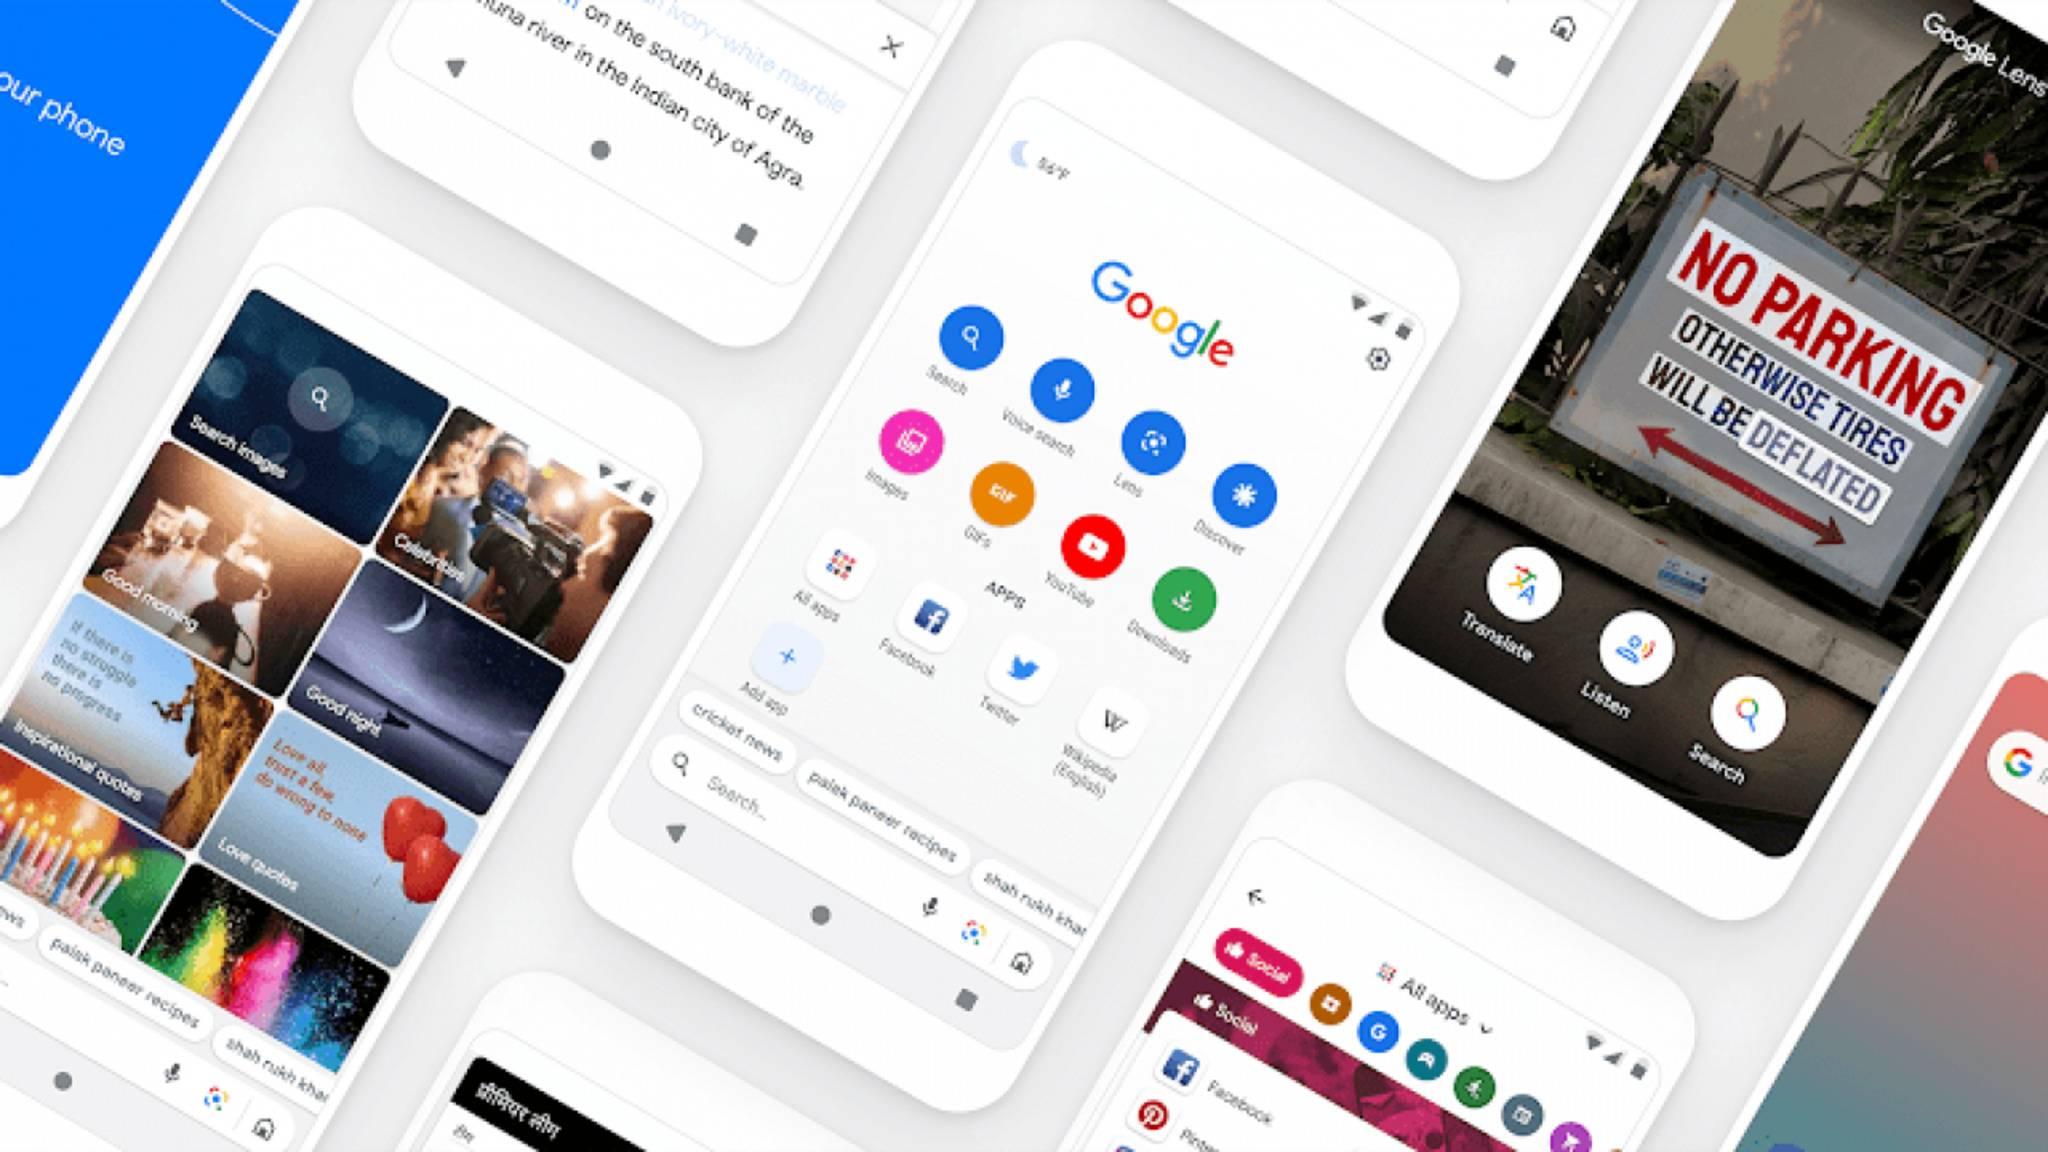 Google Go: Abgespeckte Android-App jetzt weltweit verfügbar